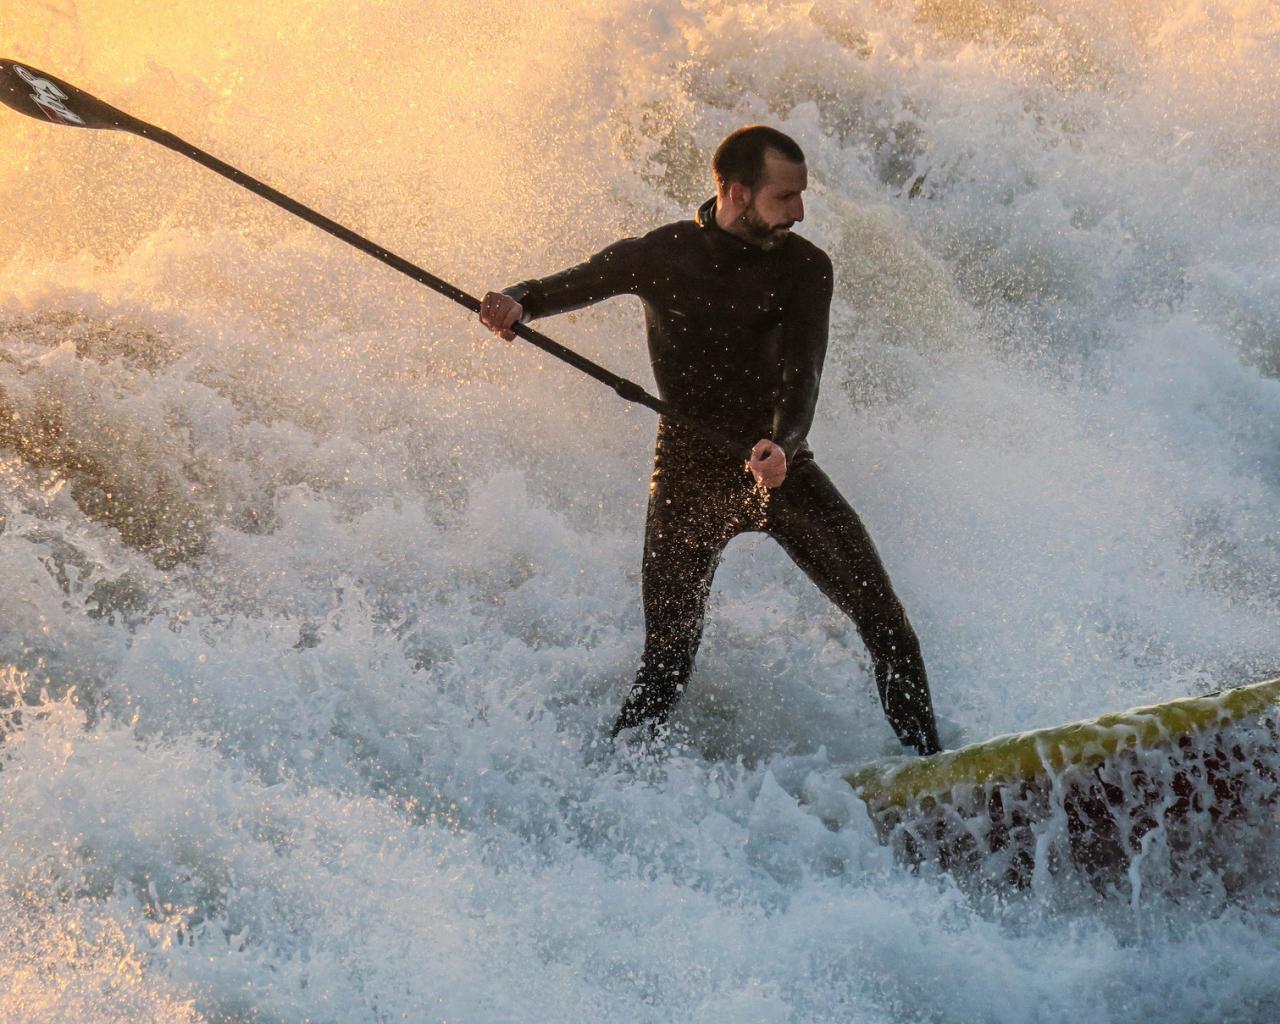 En las olas - 1280x1024